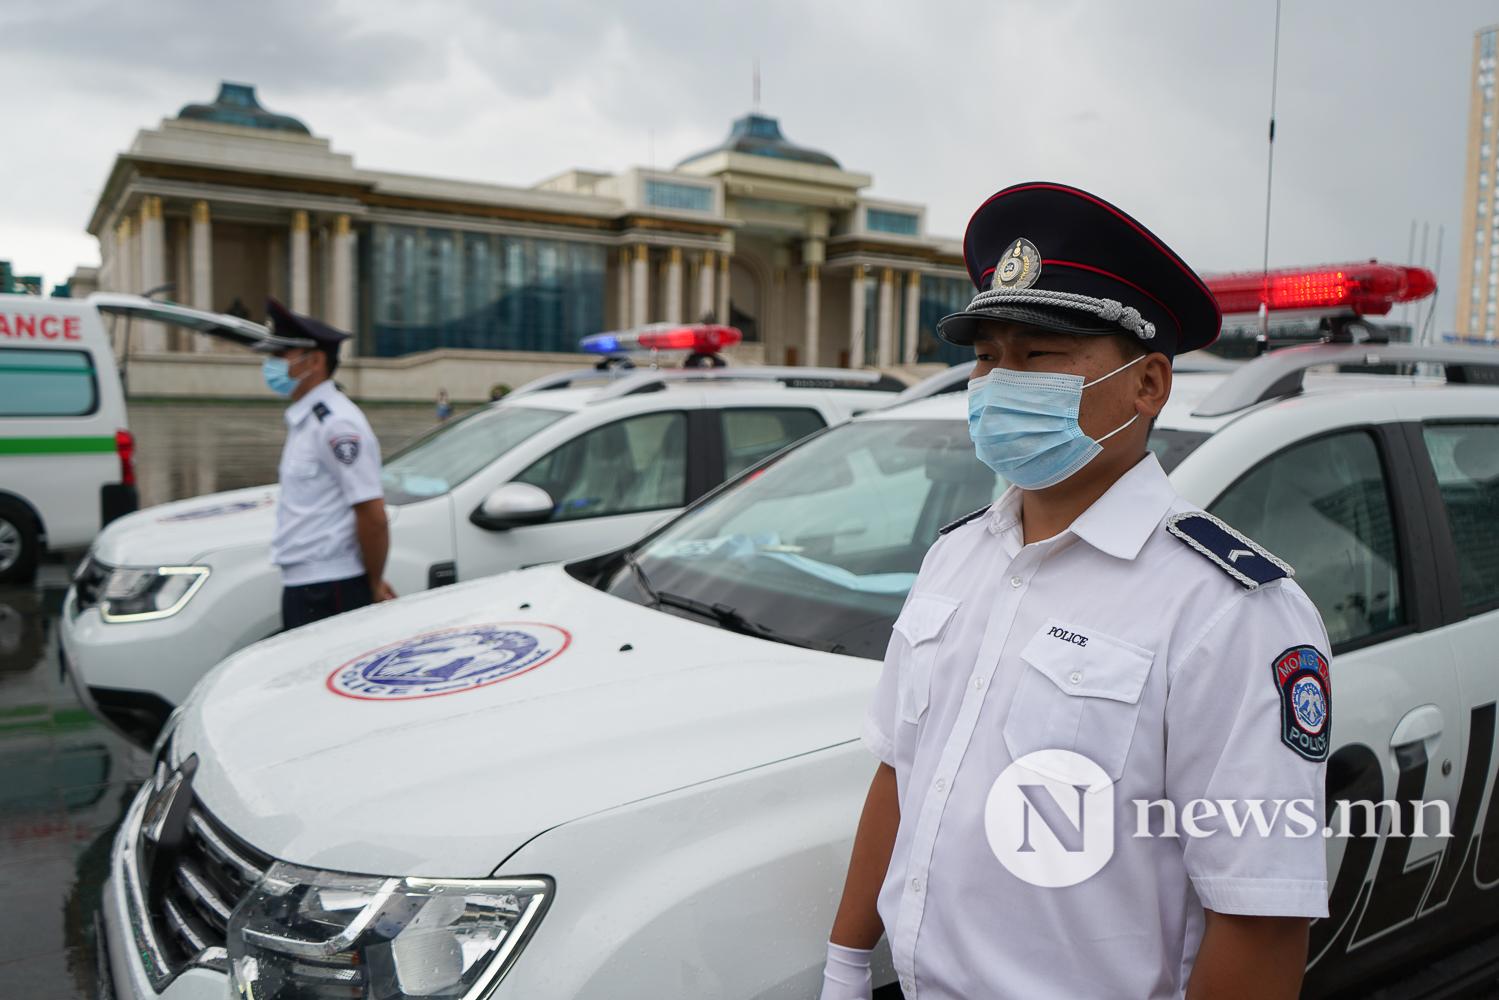 Нийслэлийн эрүүл мэнд, цагдаагийн байгууллагад 92 автомашин гардуулж байна (38 of 45)